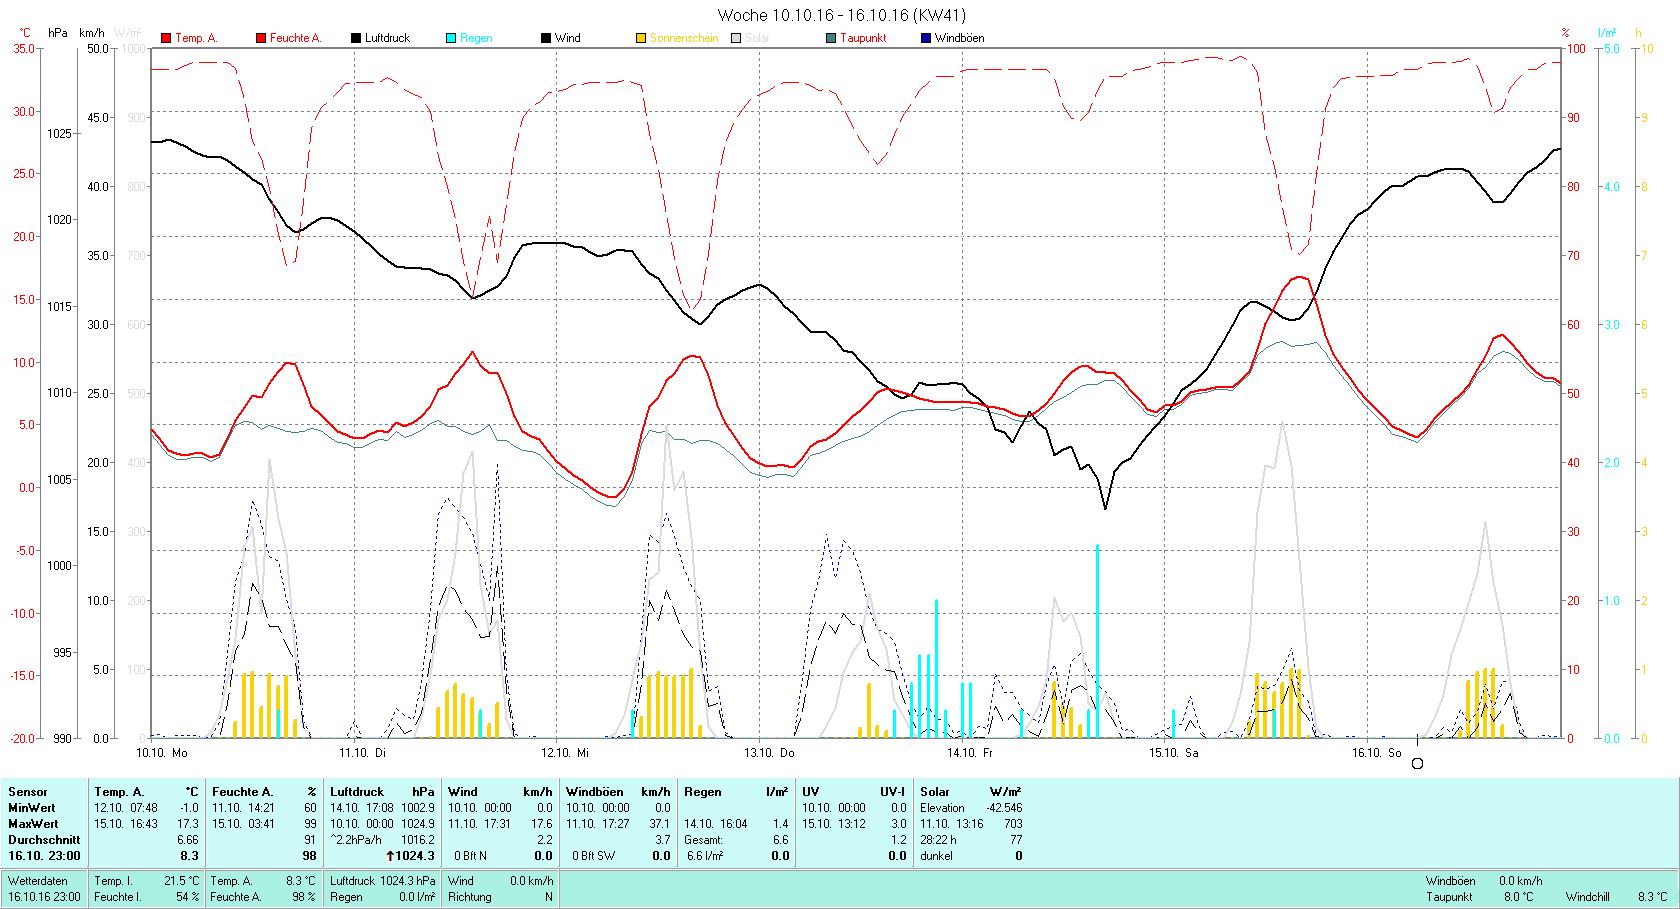 KW 41 Tmin -1.0°C, Tmax 17.3°C, Sonne 28:22h, Niederschlag 6.6mm/2